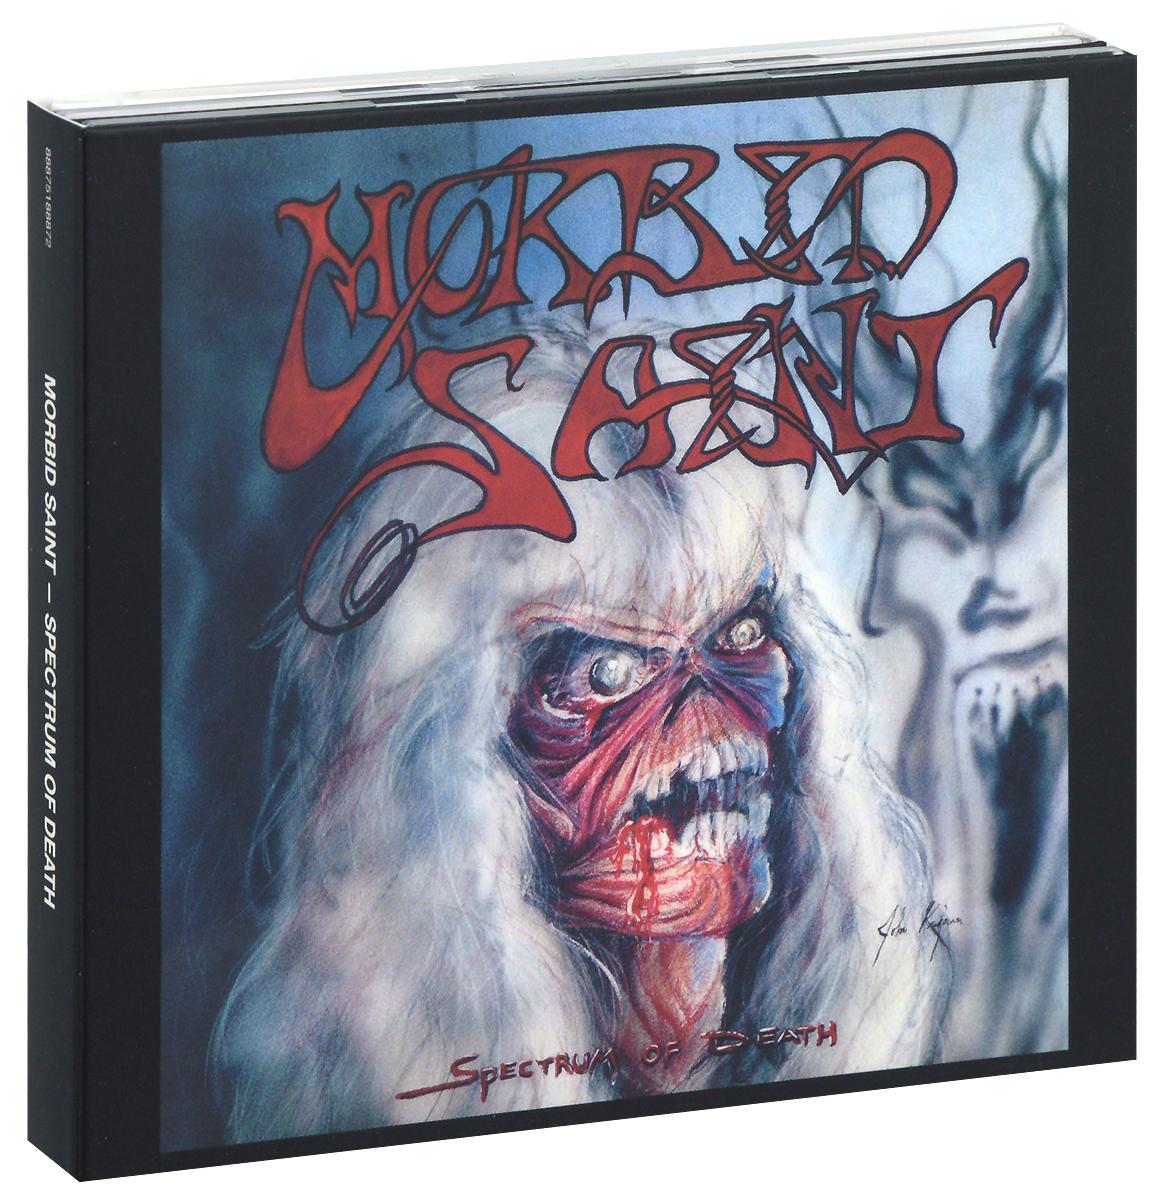 К изданию прилагается 32-страничный буклет с фотографиями, дополнительной информацией и текстами песен на английском языке.